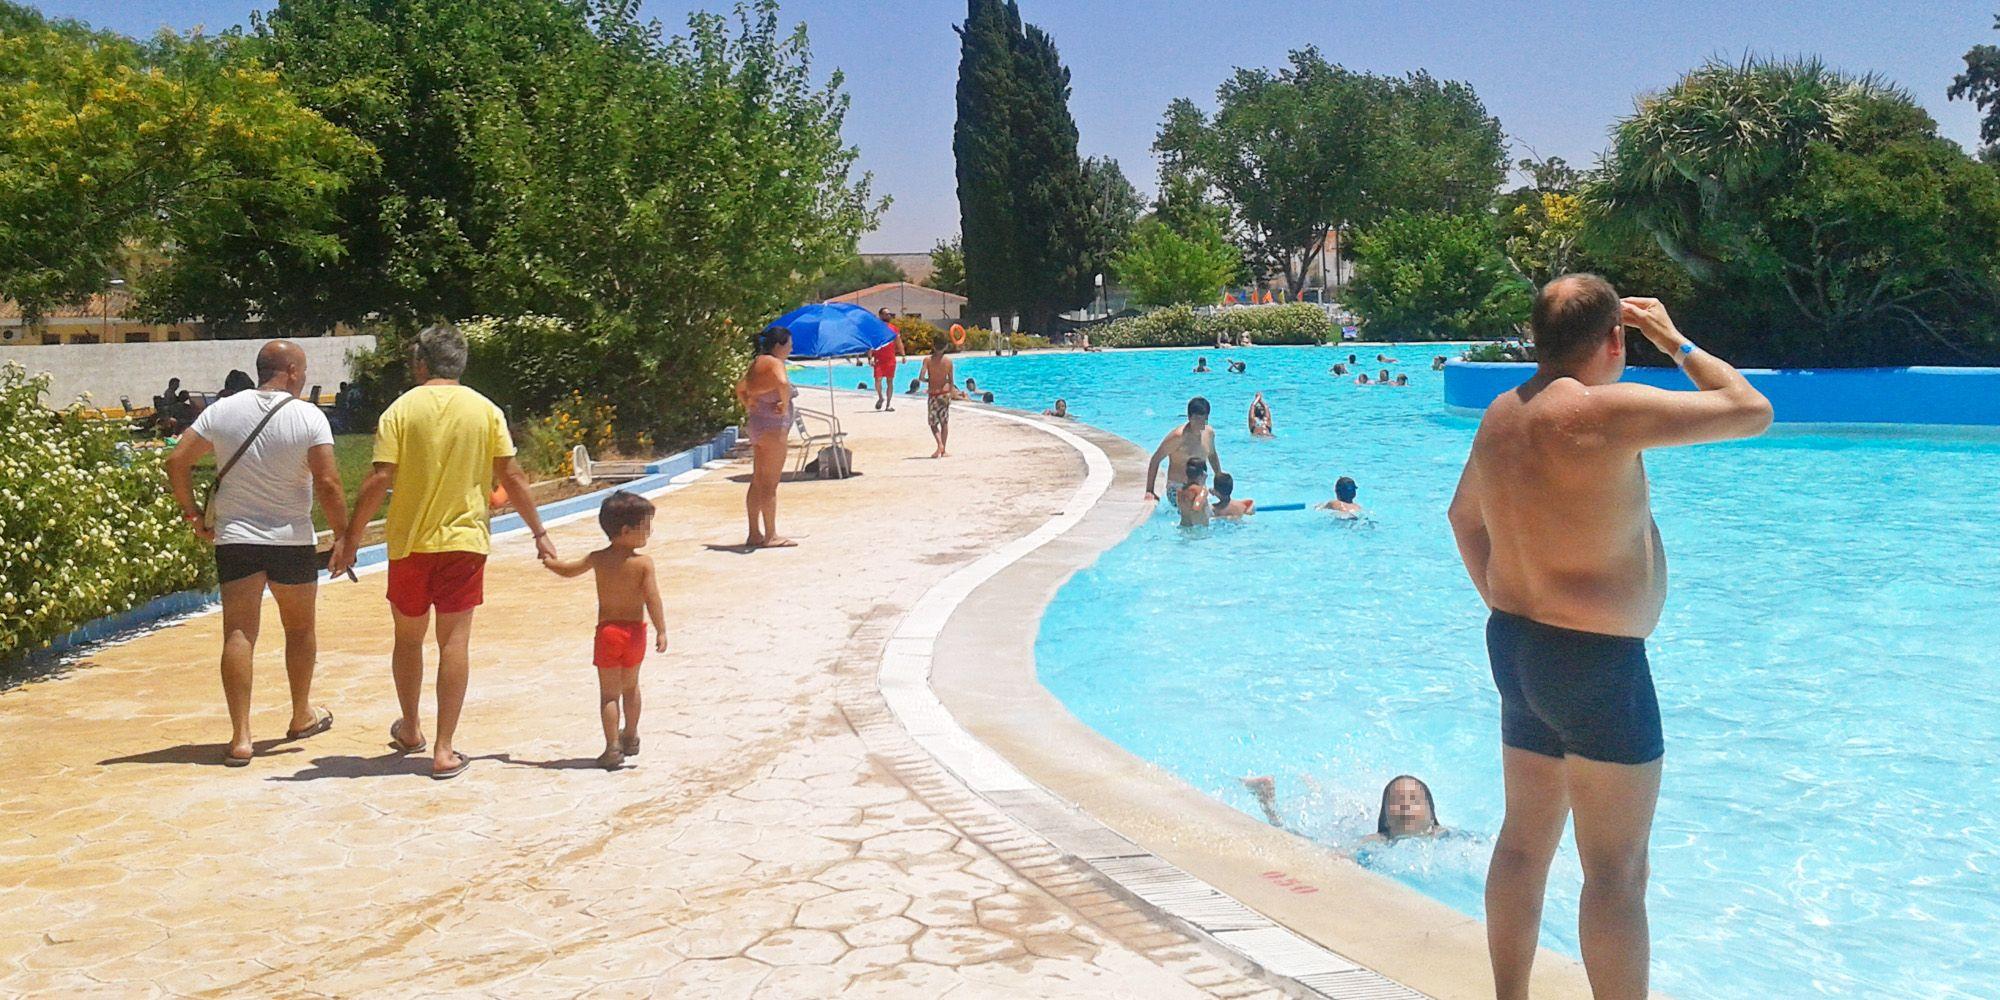 La asociaci n de vecinos la marquesa celebran su d a en for En la piscina